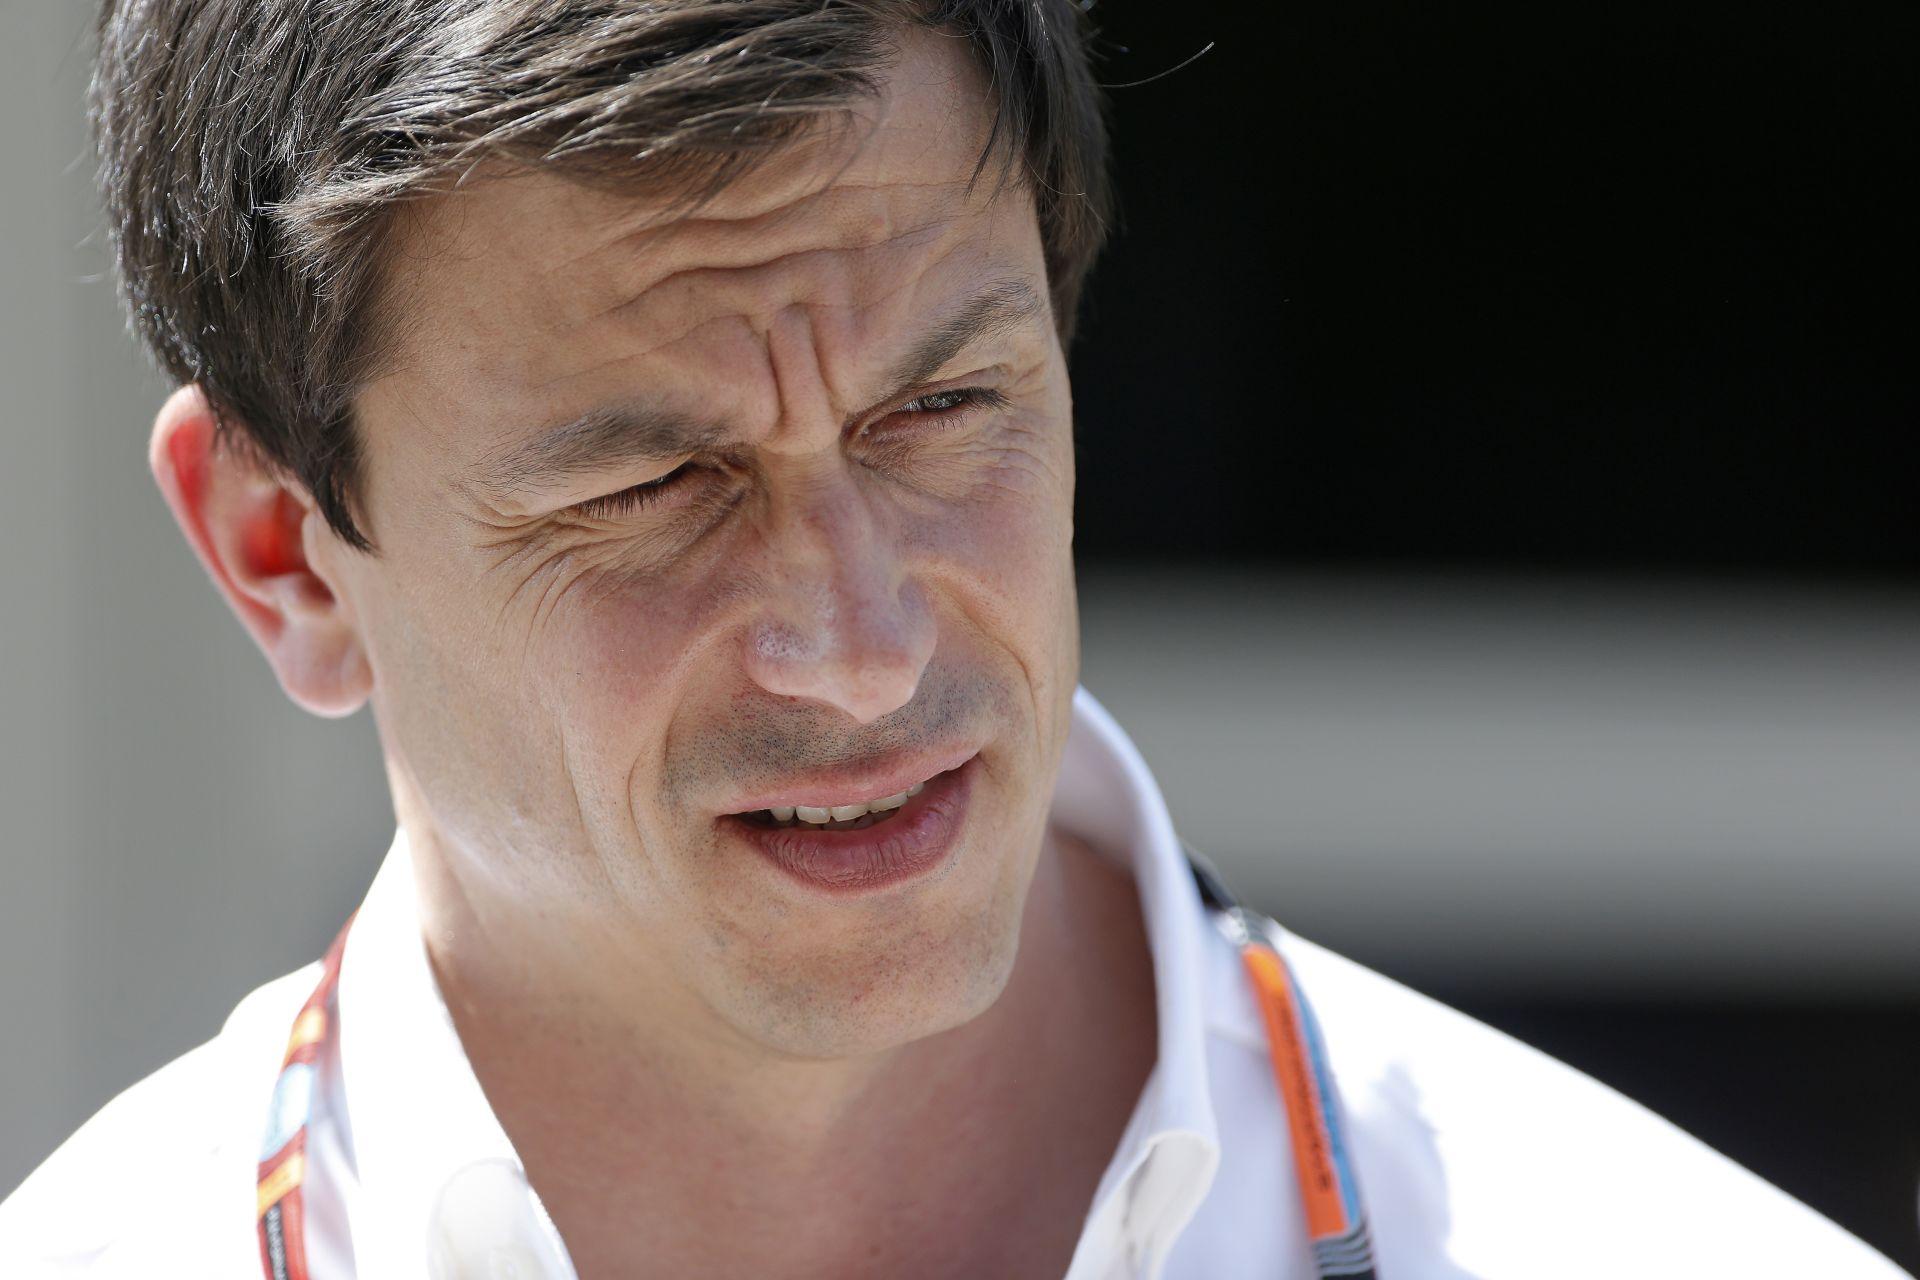 Mercedes: Tavaly biztos volt, hogy az első sor a miénk - ez többé már nem így van